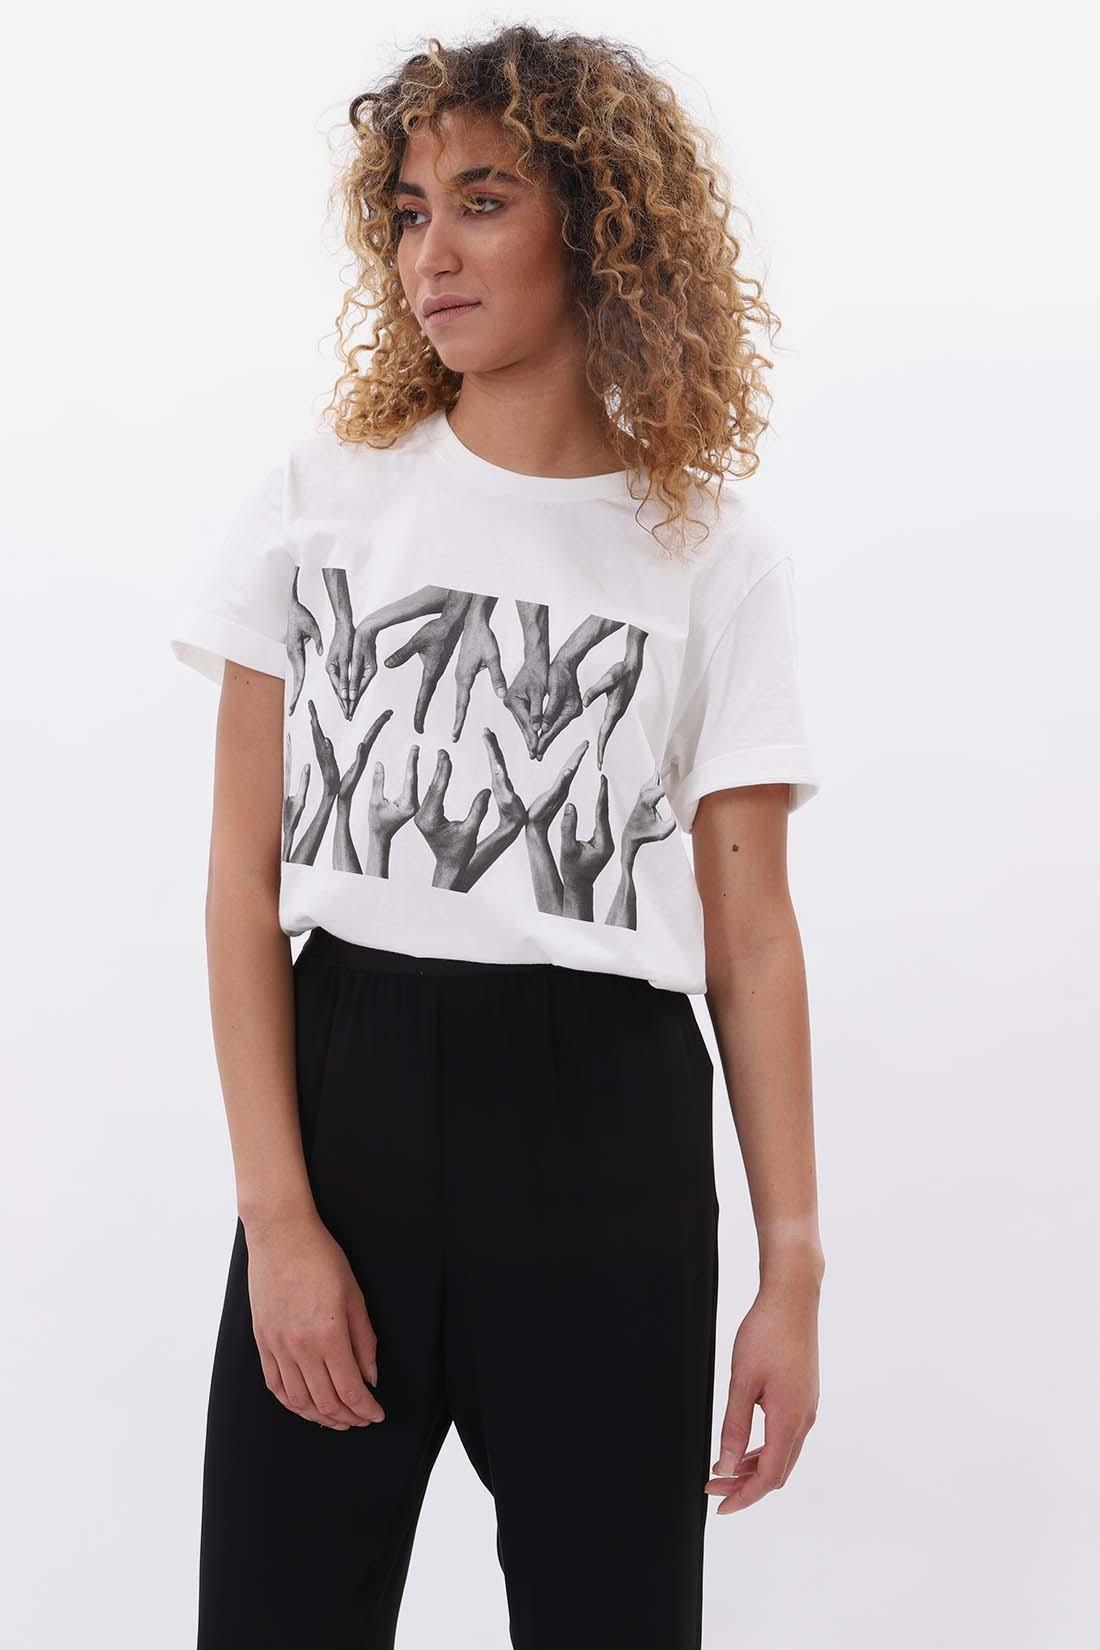 MM6 MAISON MARGIELA / Hand t-shirt White